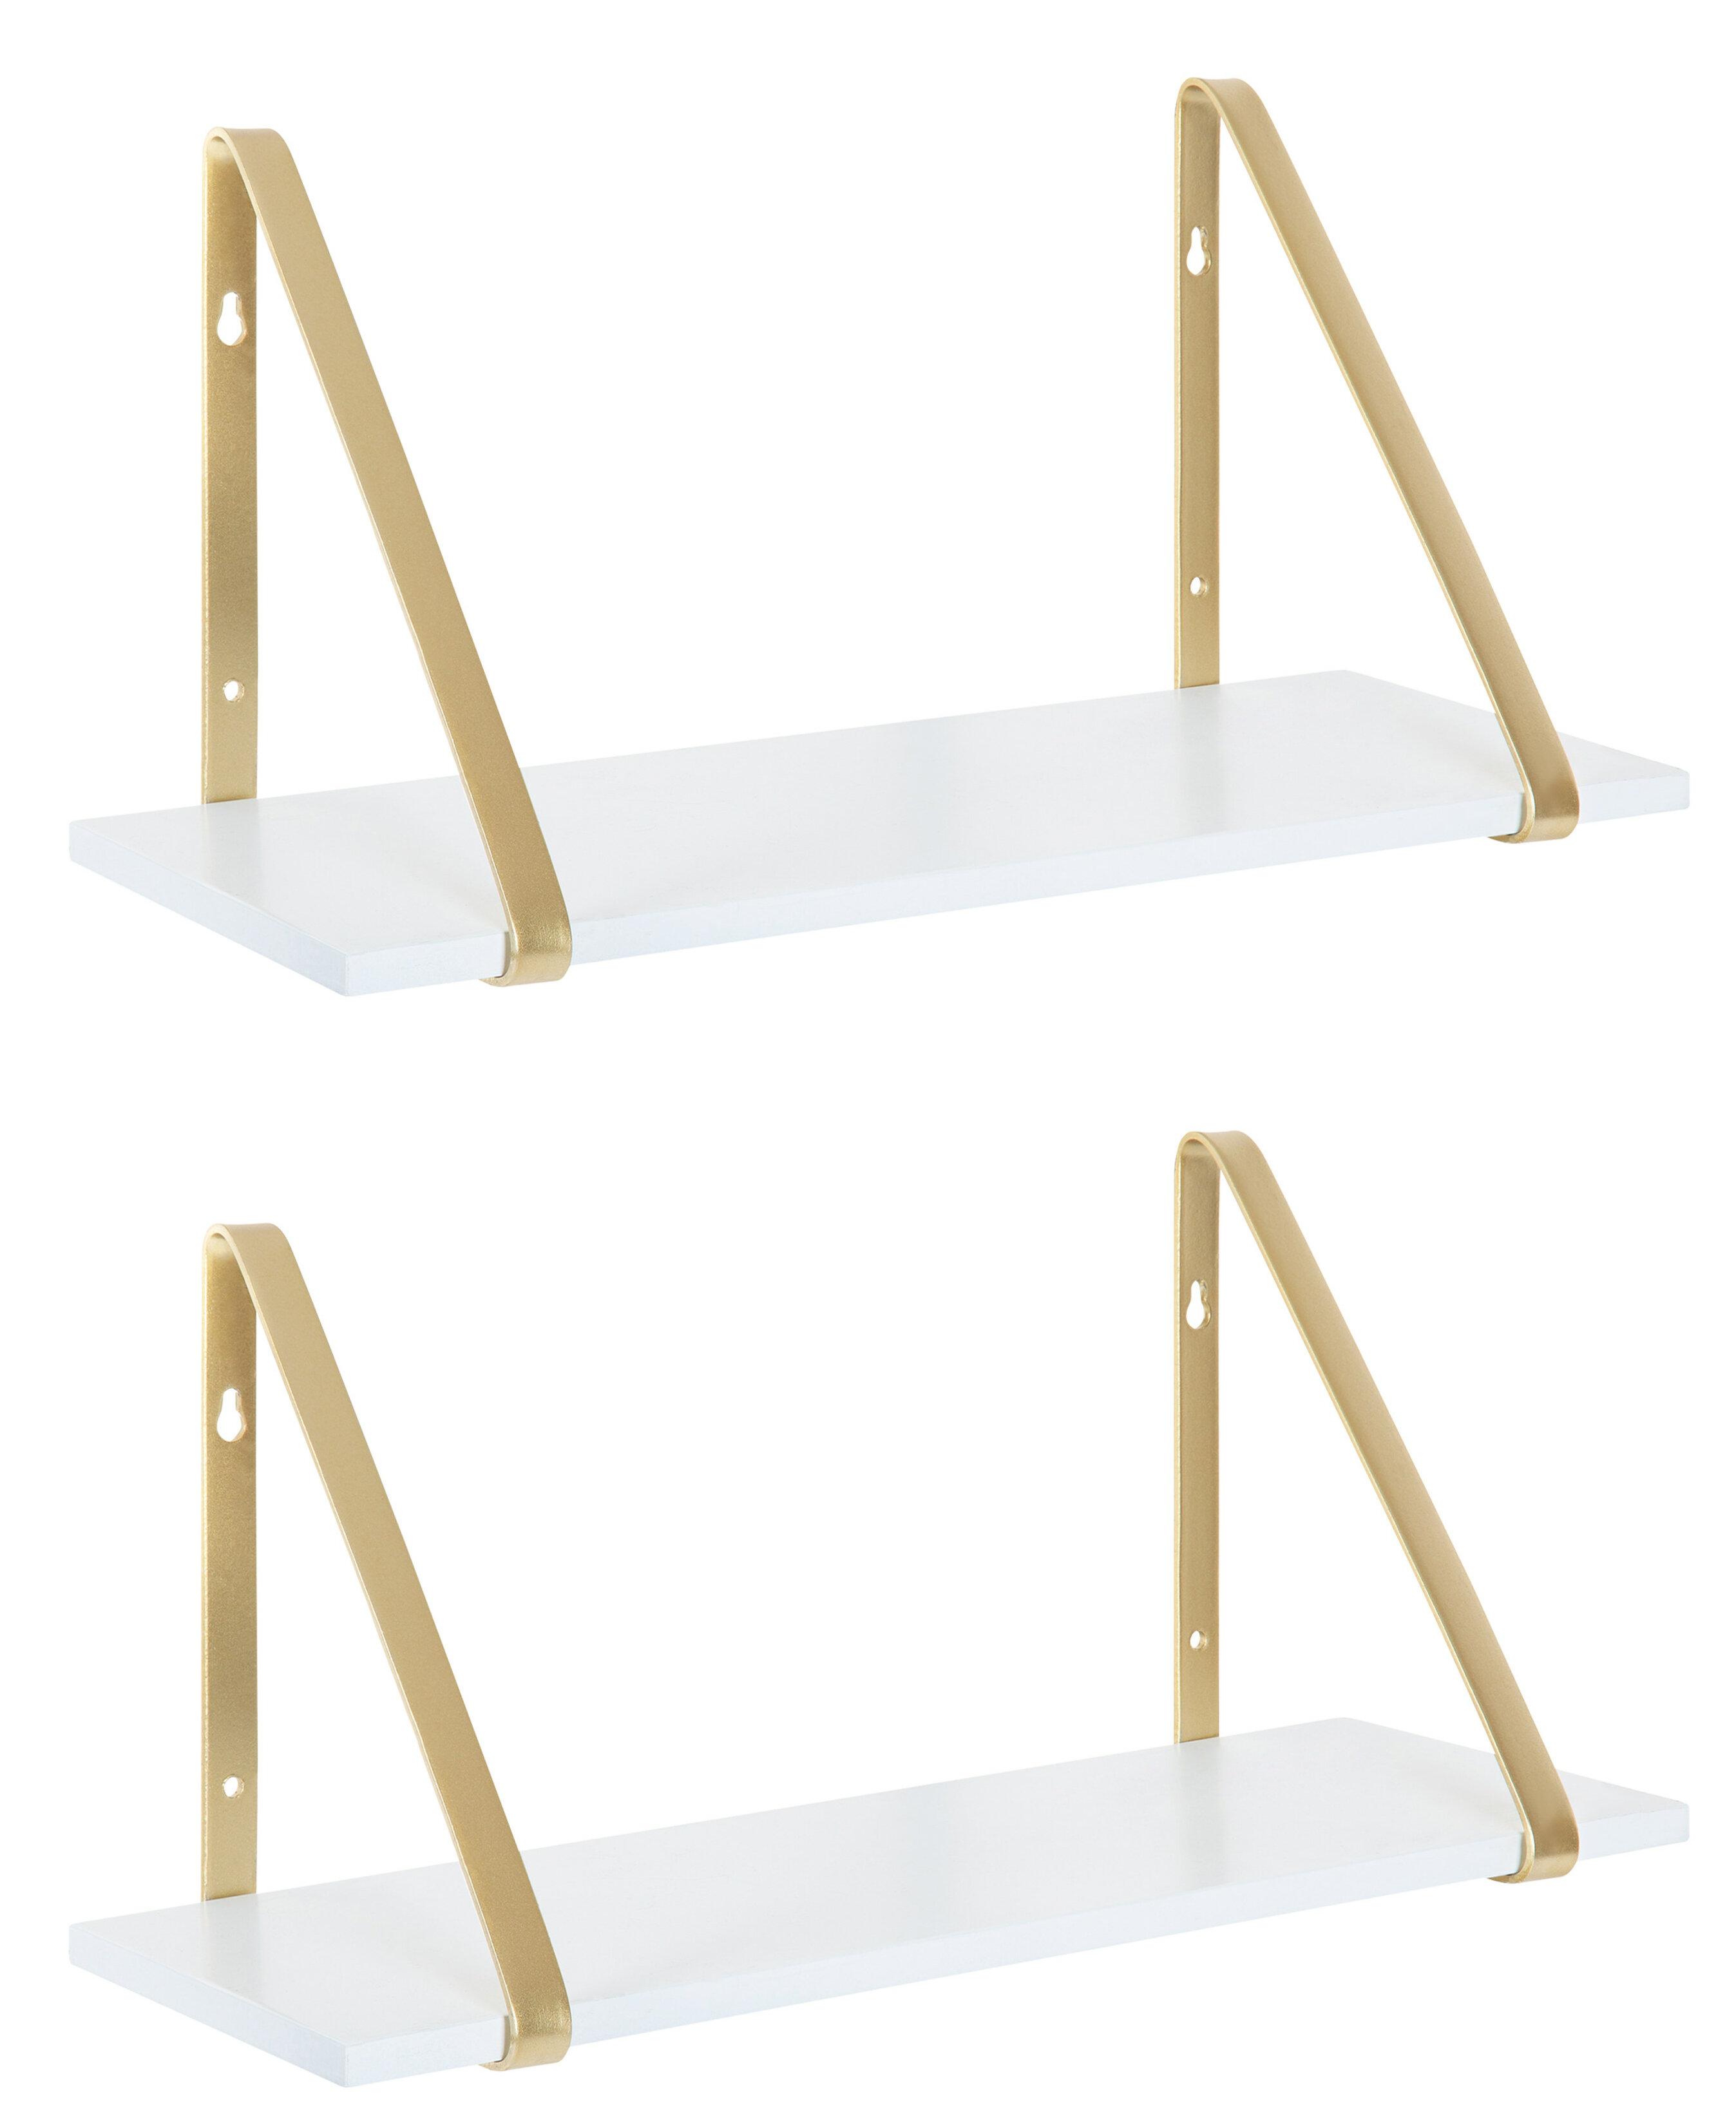 Stinnett Modern Wooden 2 Piece Wall Shelf Set Reviews Joss Main